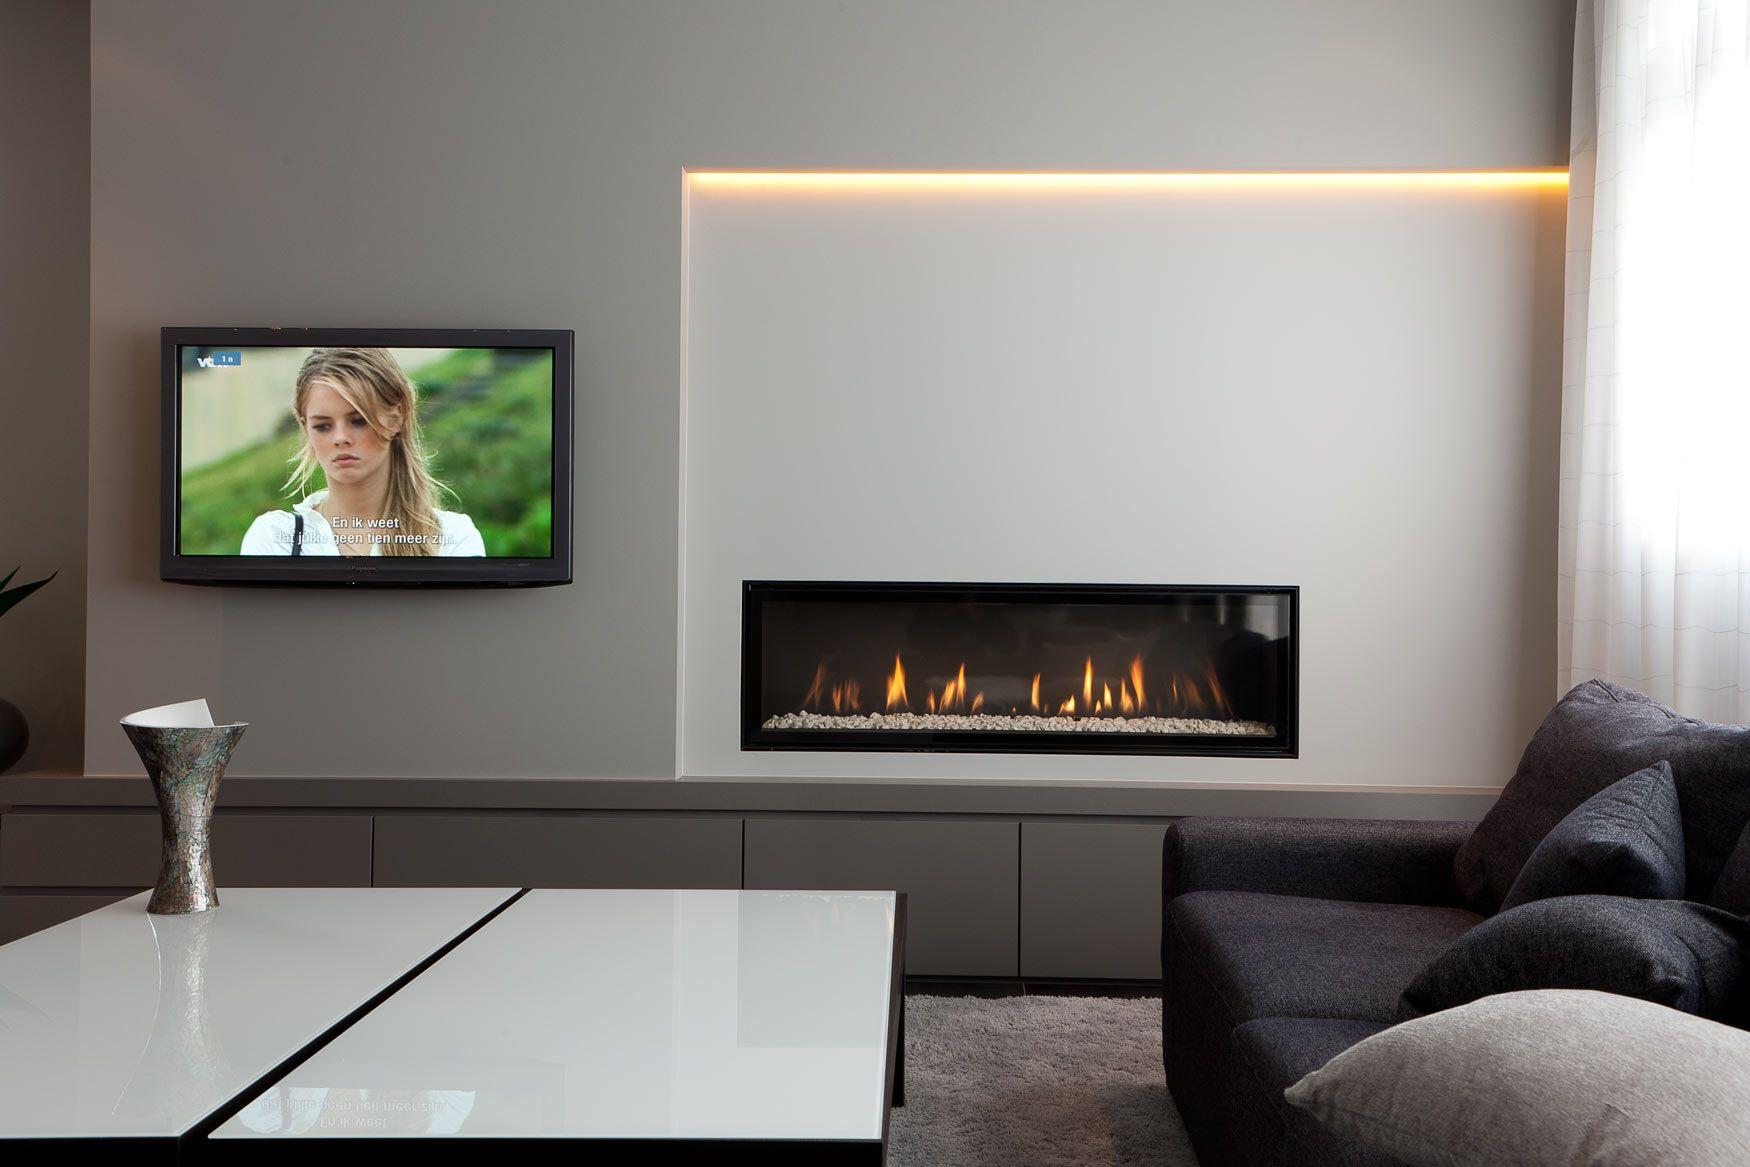 Woonkamer met open haard  Haard en TV  Living room with